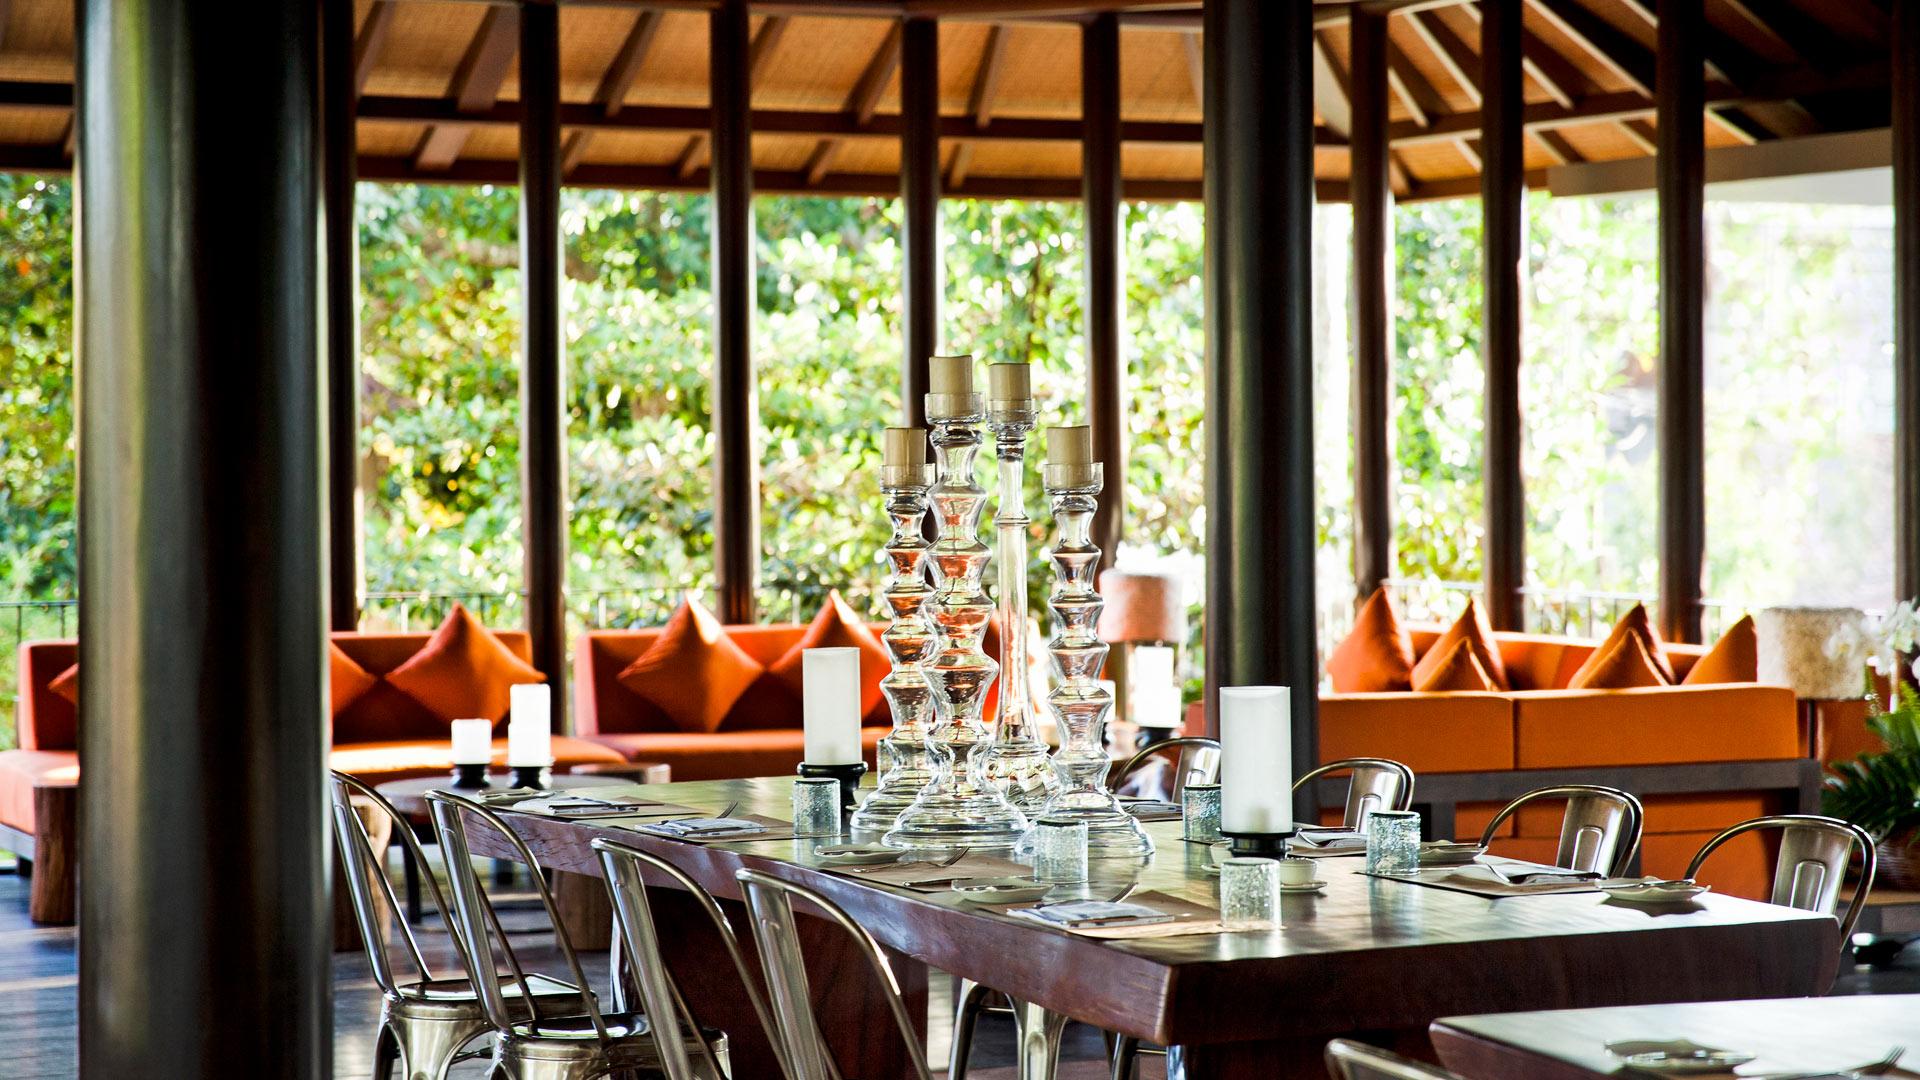 Best Italian Restaurants Bali - Uma Cucina Restaurant